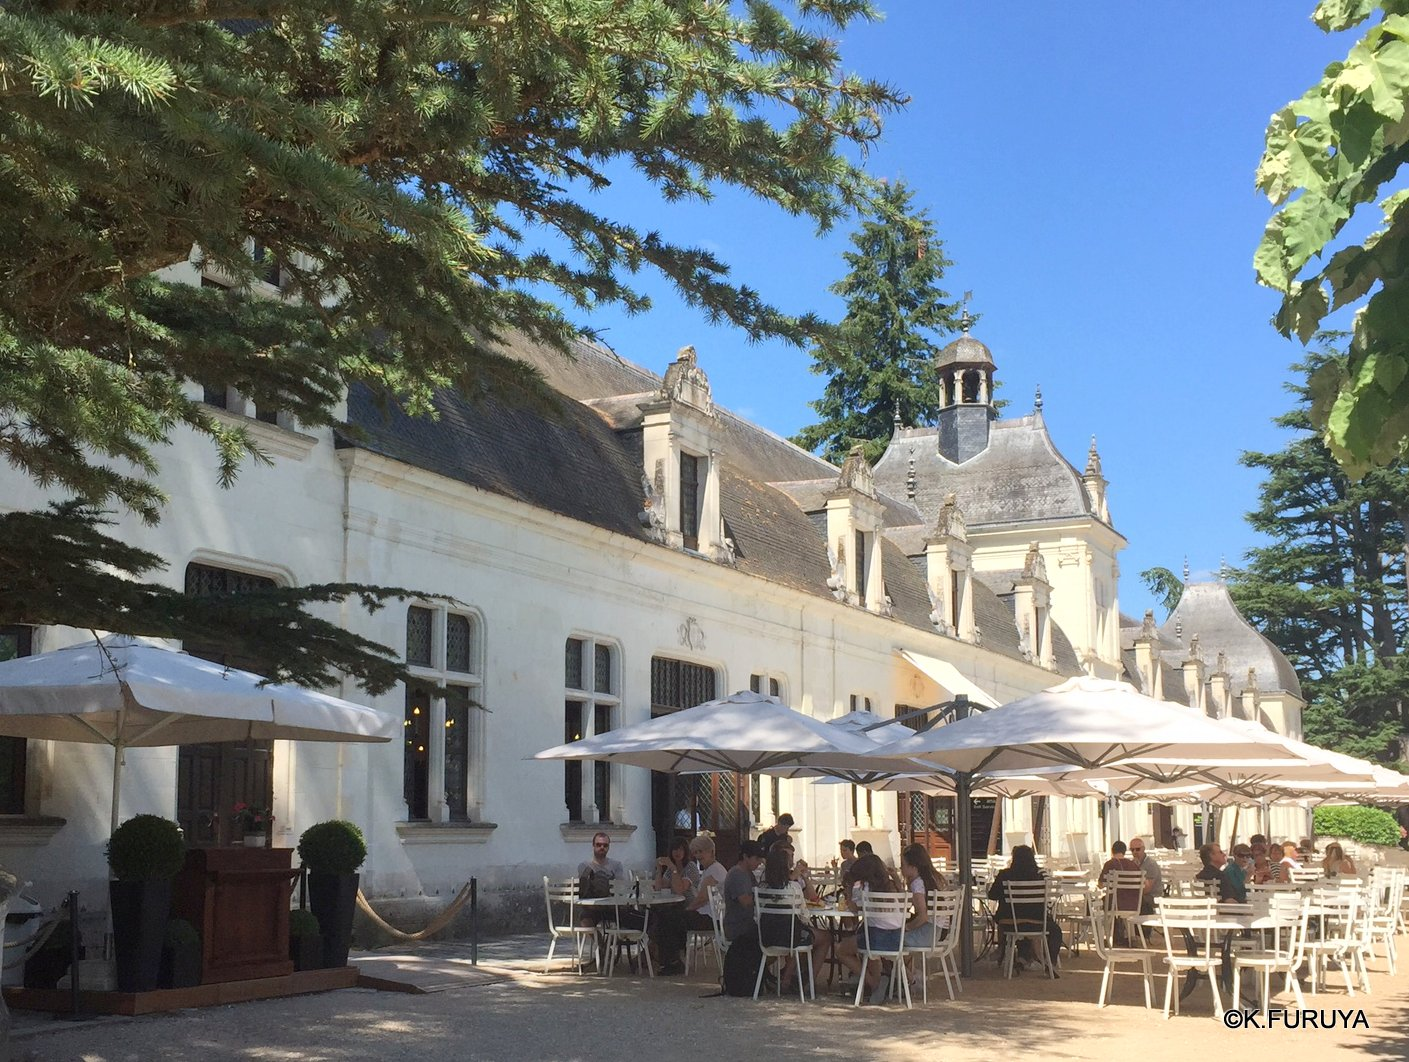 フランス周遊の旅 19 シュノンソー城_a0092659_23241322.jpg